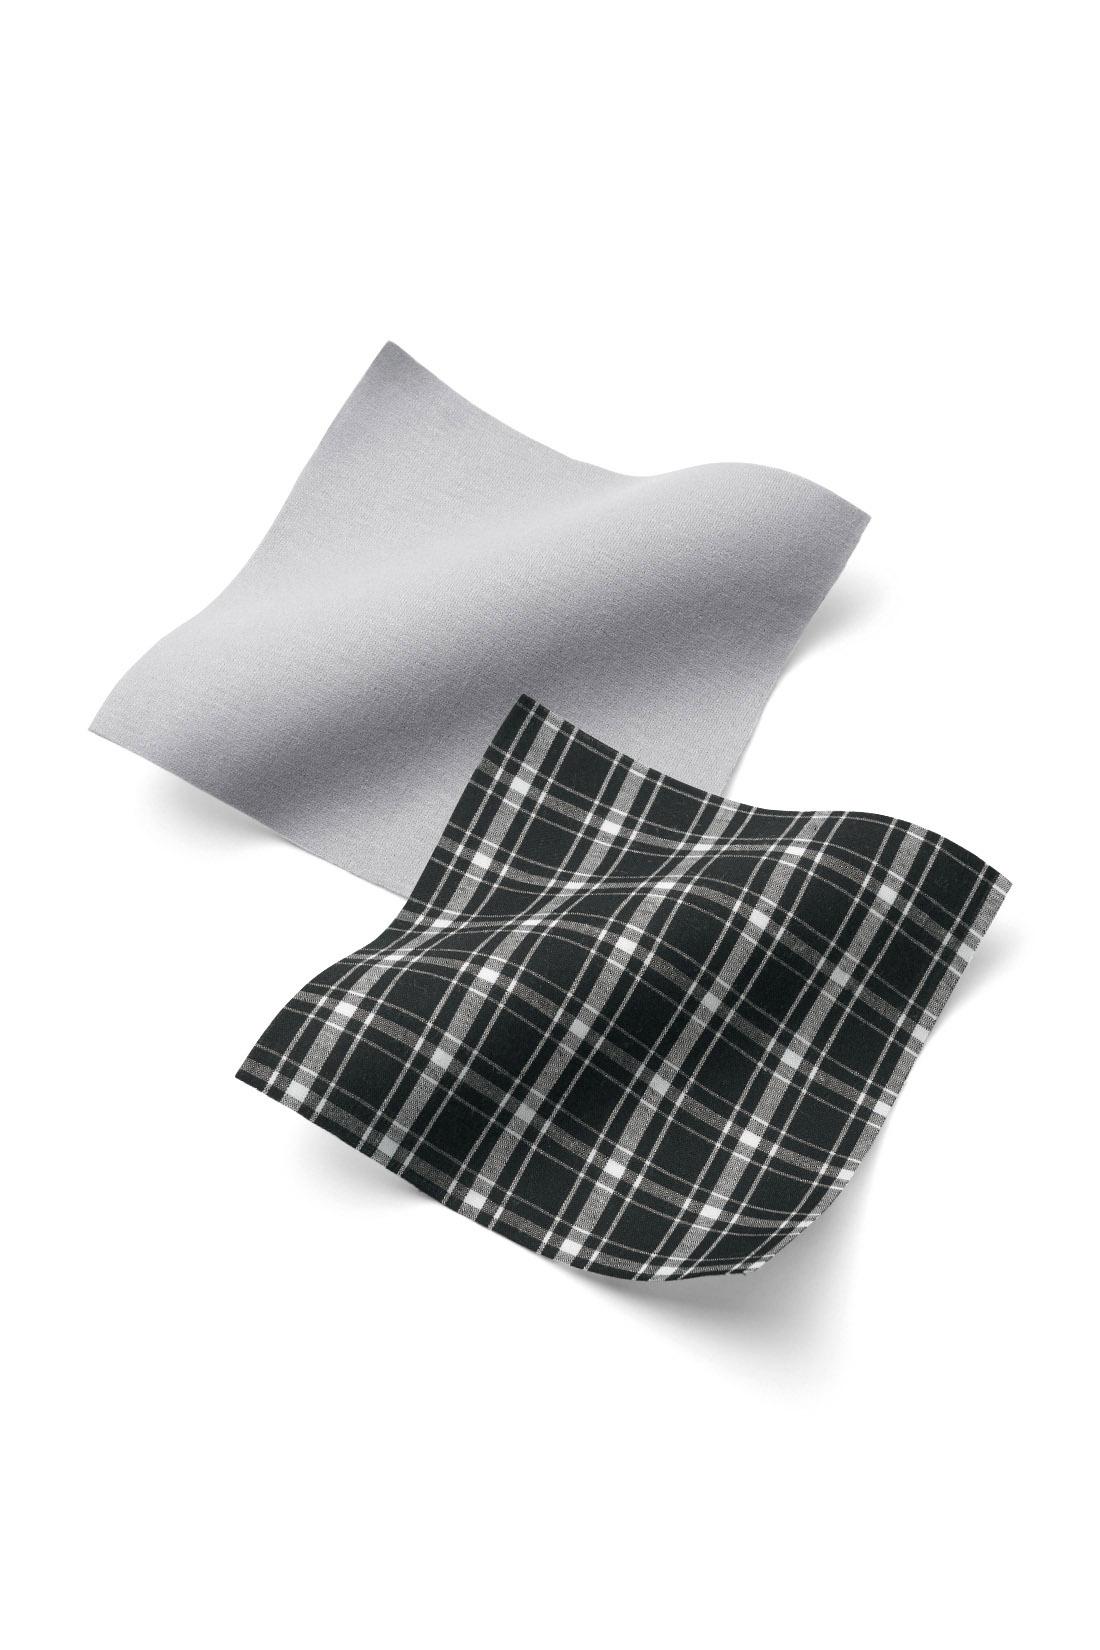 ノースリーブのトップスはきちんと布はく。軽やかなカーディガンはノンストレスなカットソー素材。